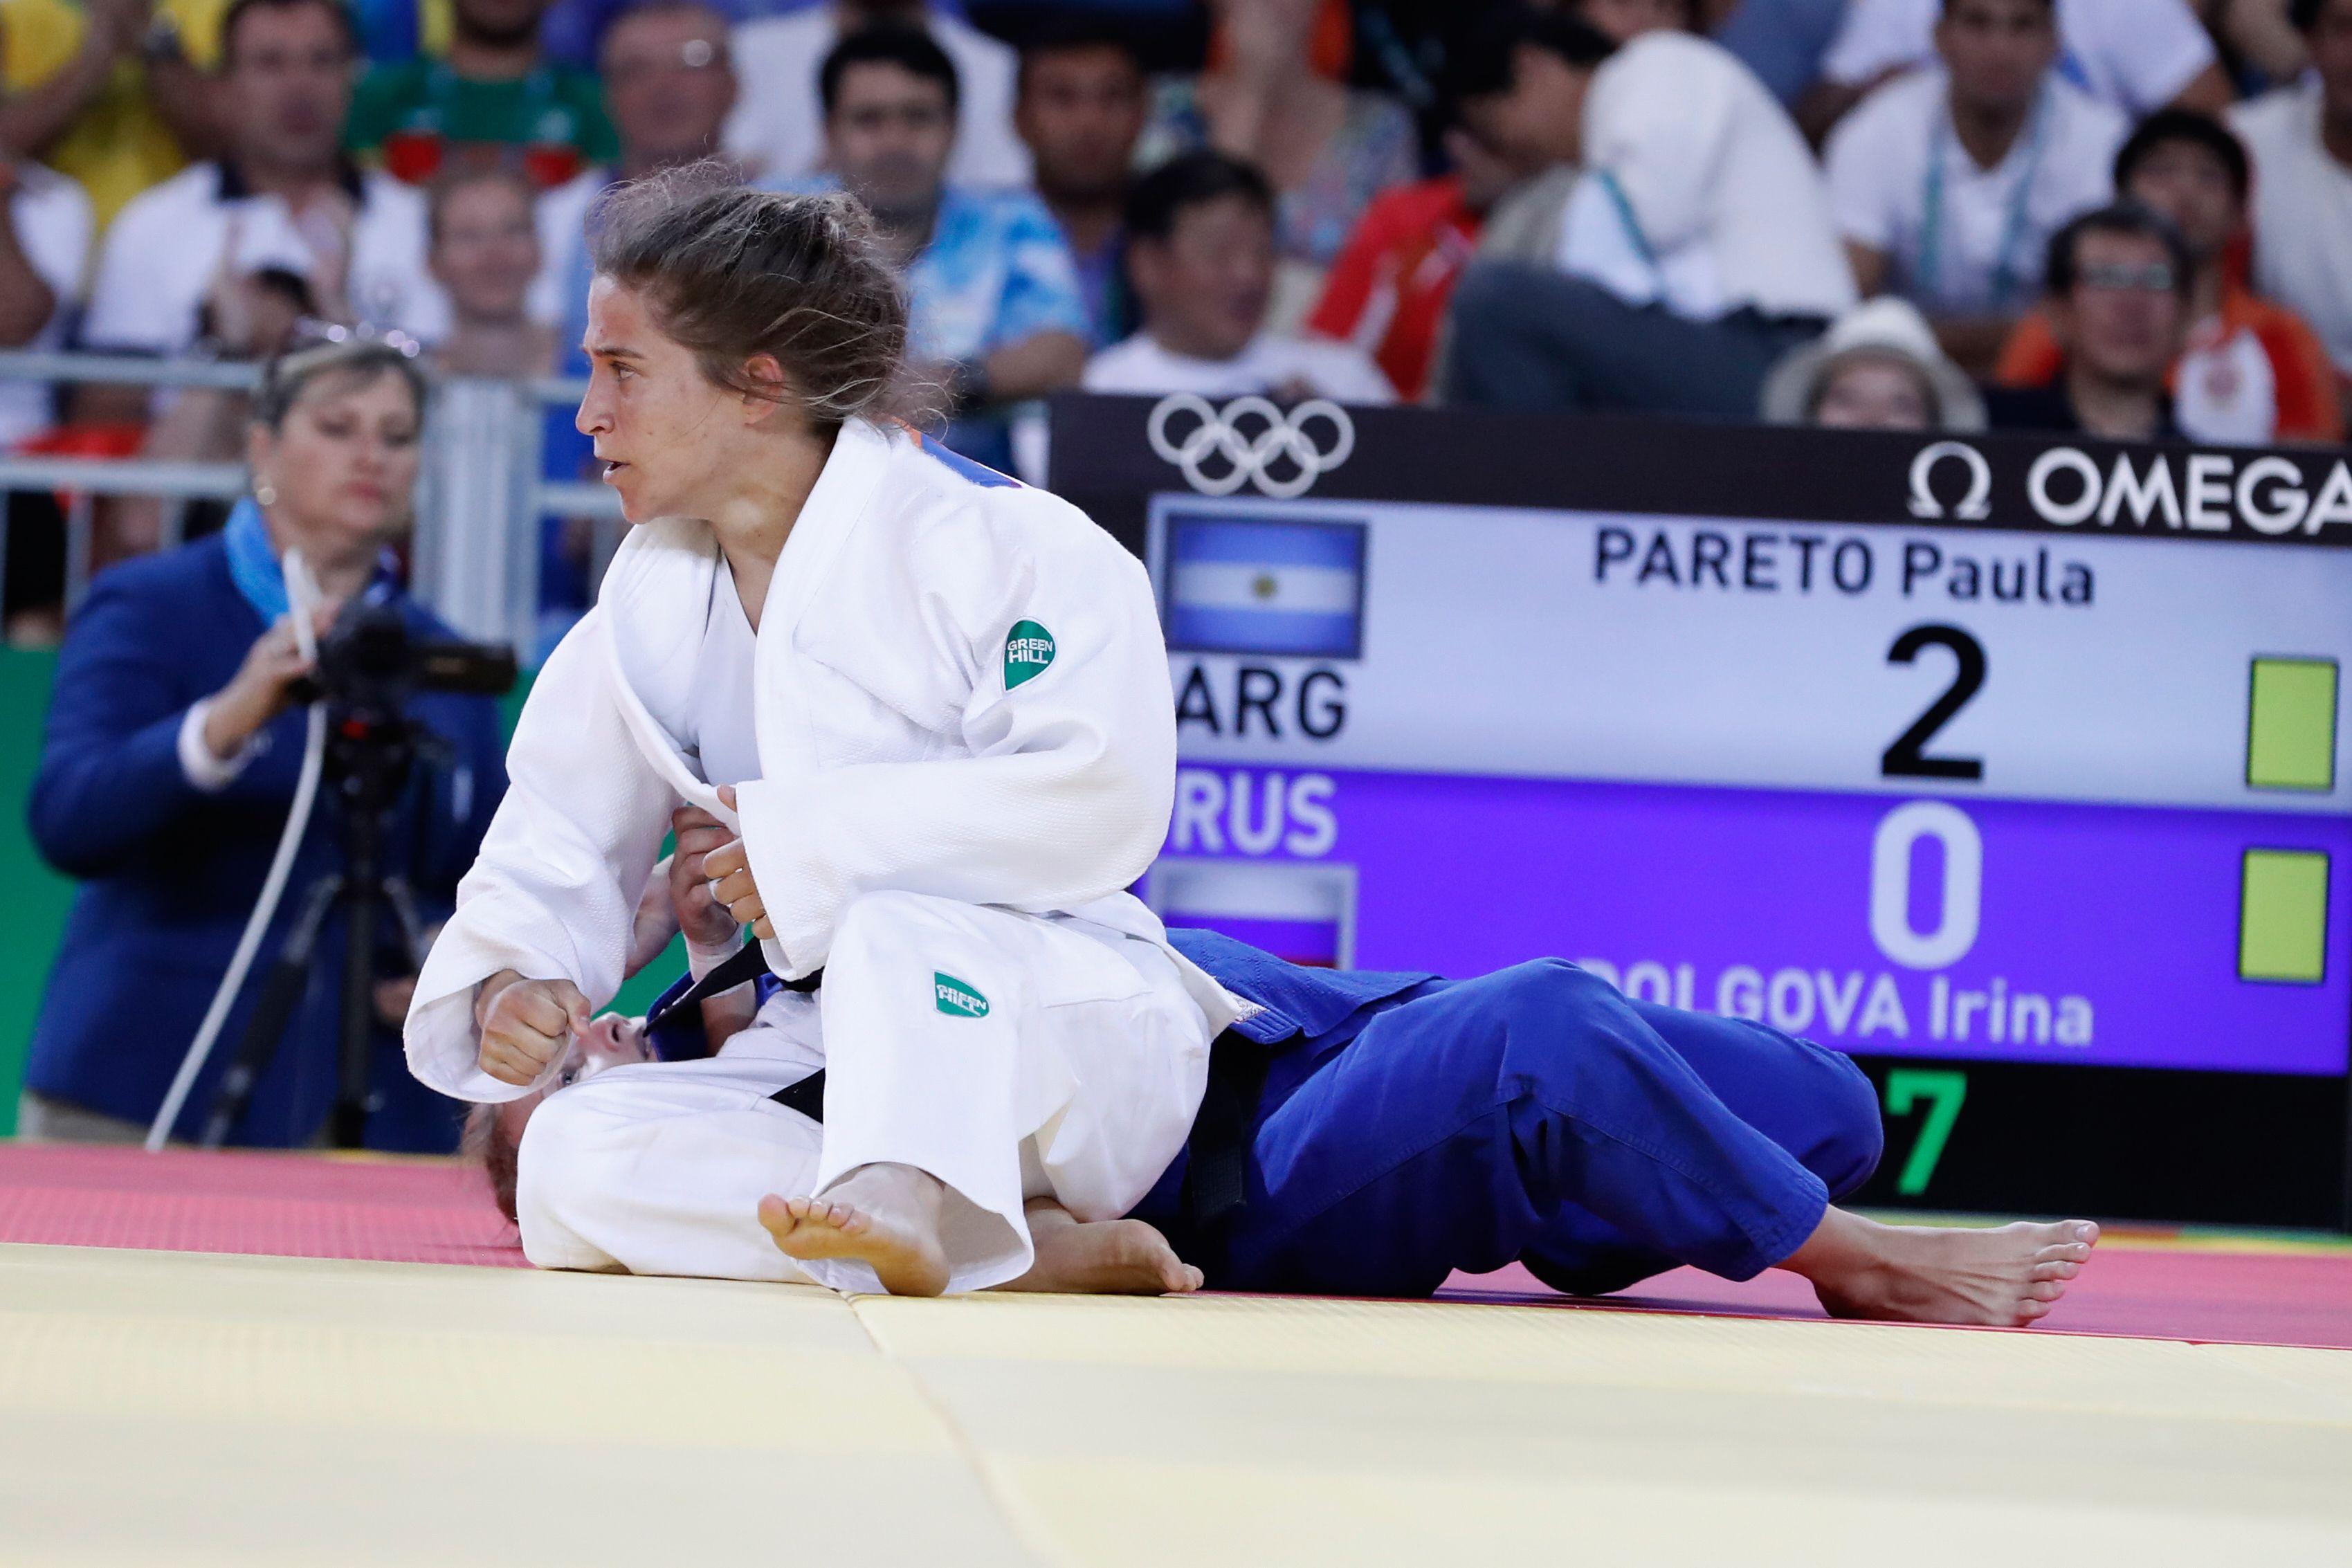 La hazaña de la judoca Paula Pareto para llegar al oro